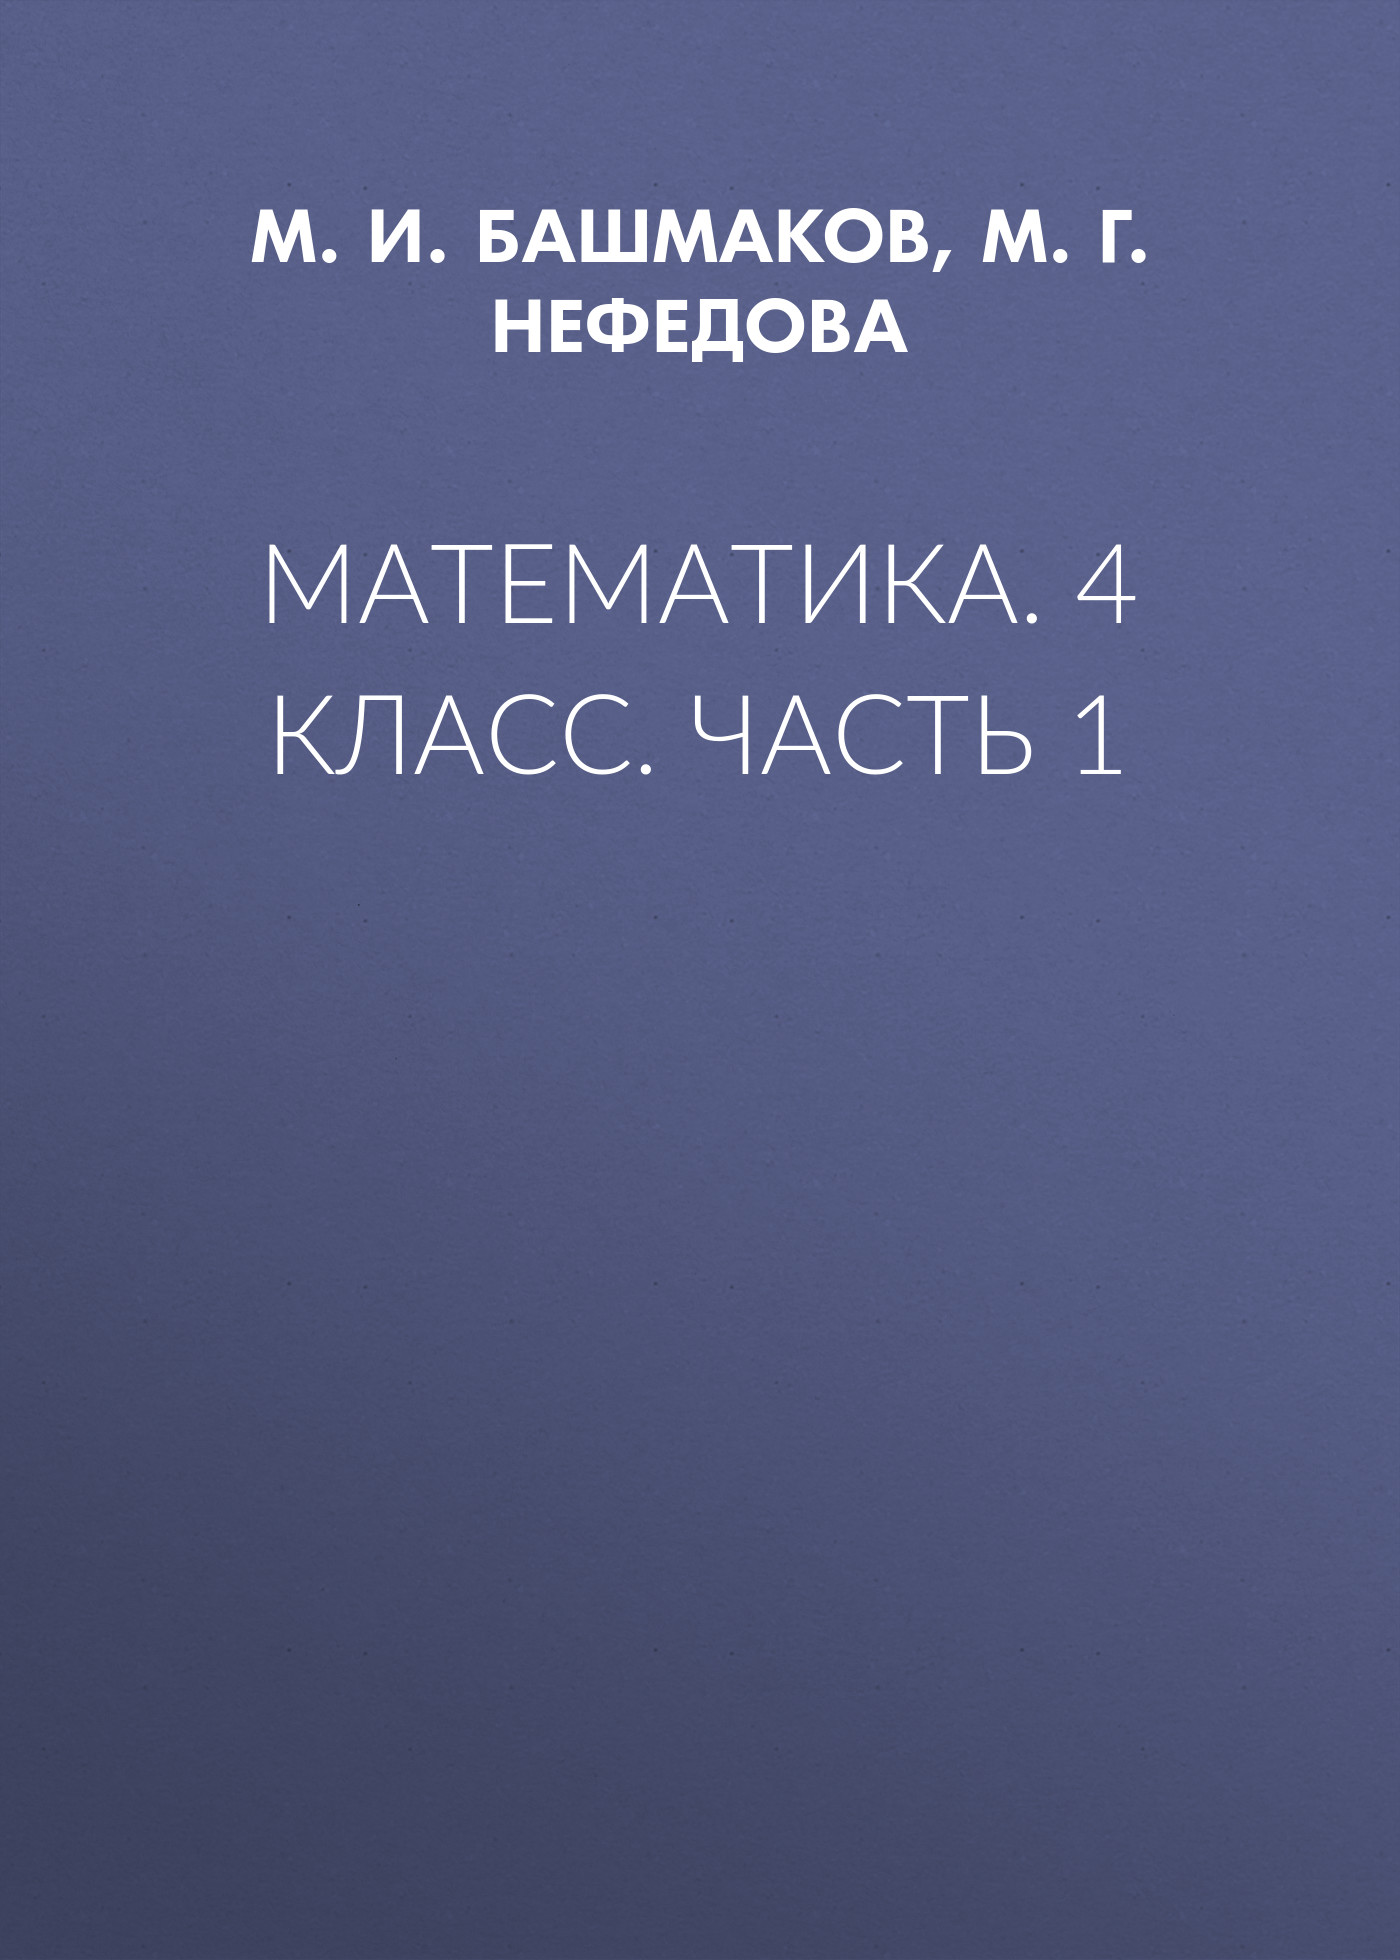 М. И. Башмаков Математика. 4 класс. Часть 1 буряк м карышева е чтение с увлечением 1 класс интегрированный образовательный курс cd